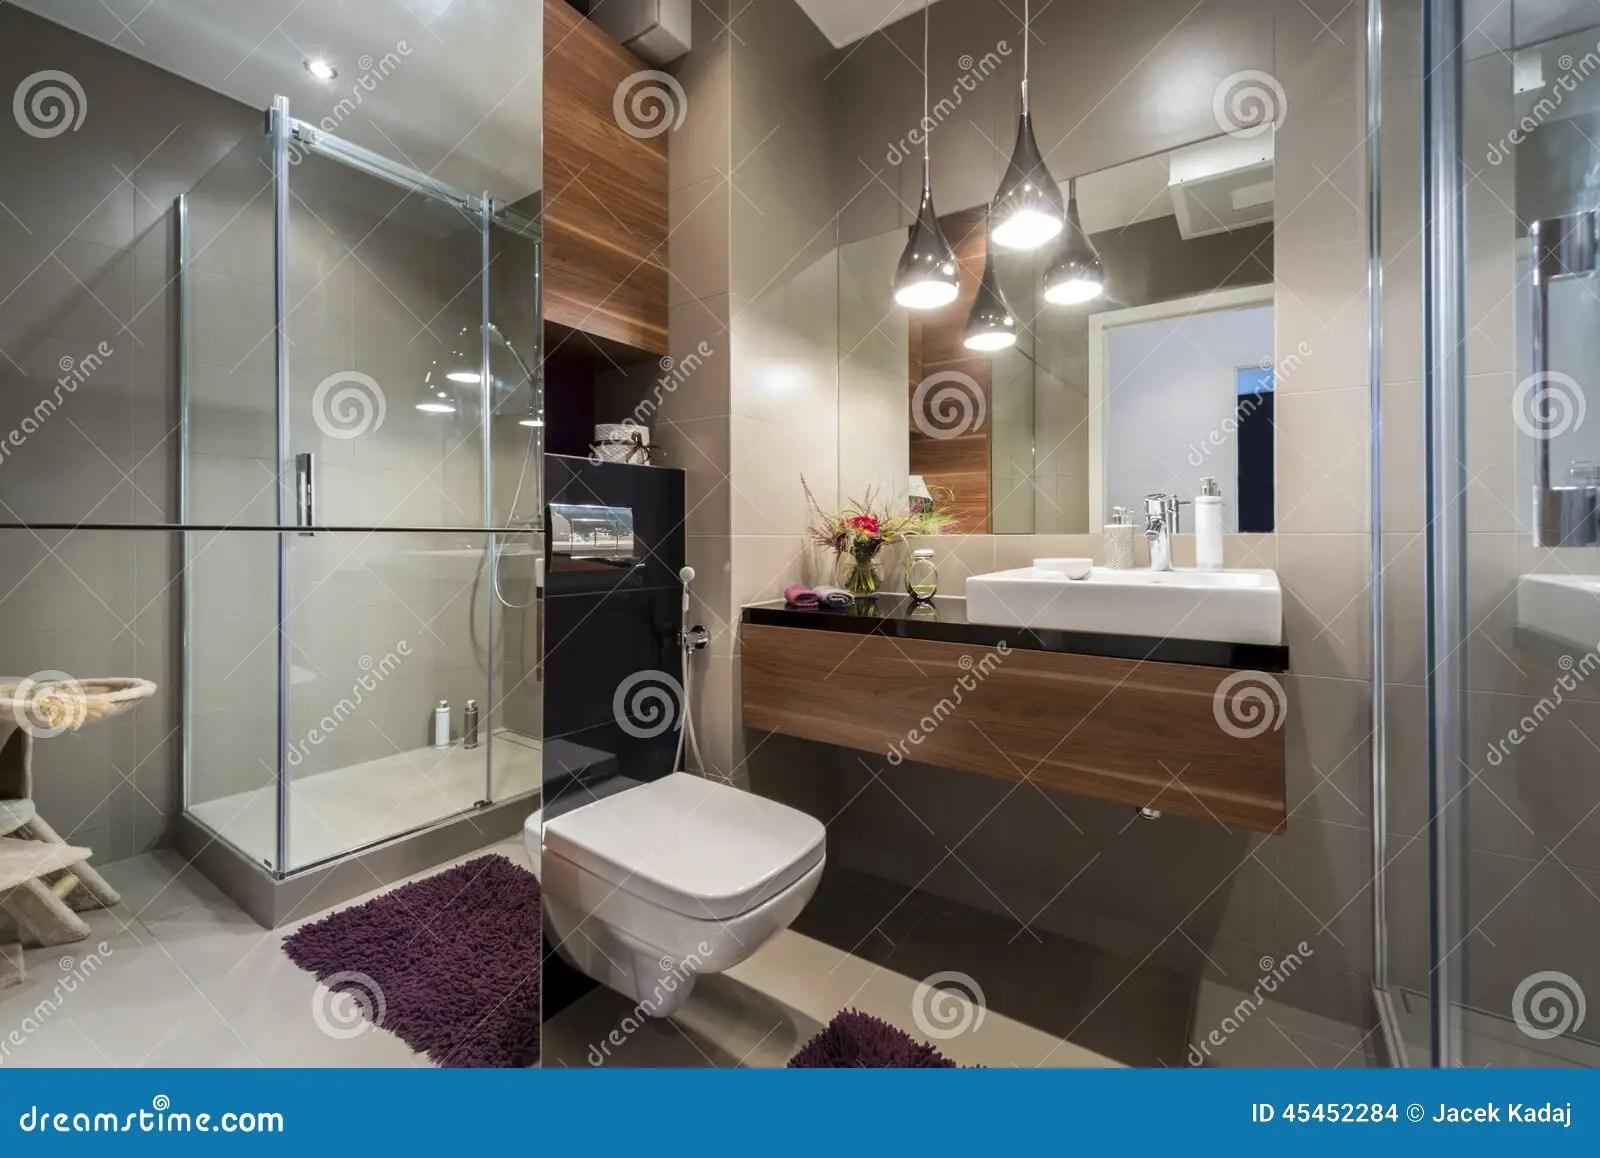 Bagno Grigio E Beige Moderno Fotografia Stock  Immagine di rubinetto decorazione 45452284